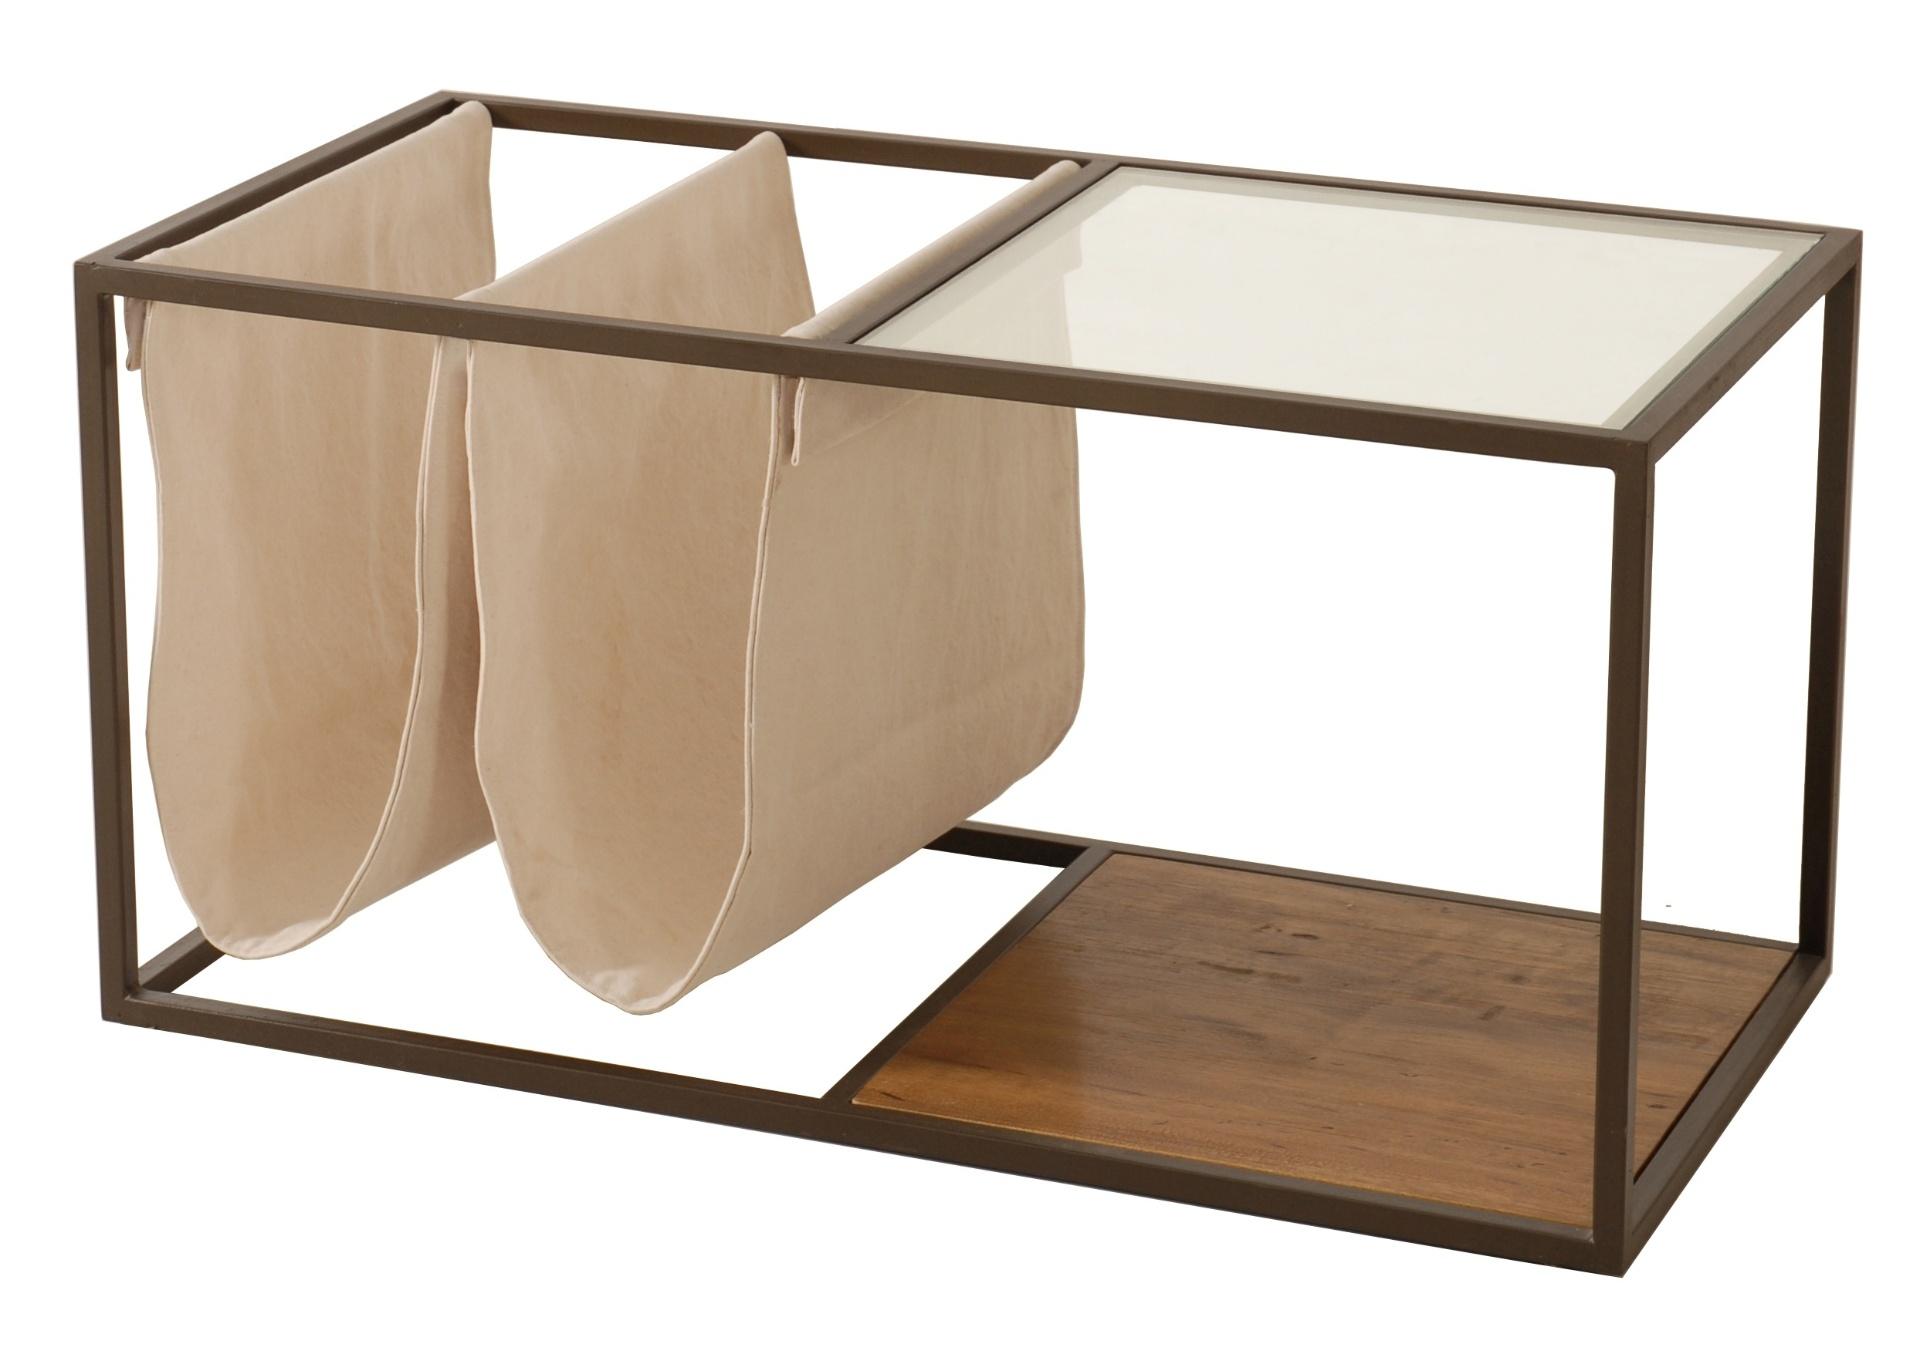 Veja dicas de ótimos objetos e móveis para decoração #423022 1920x1354